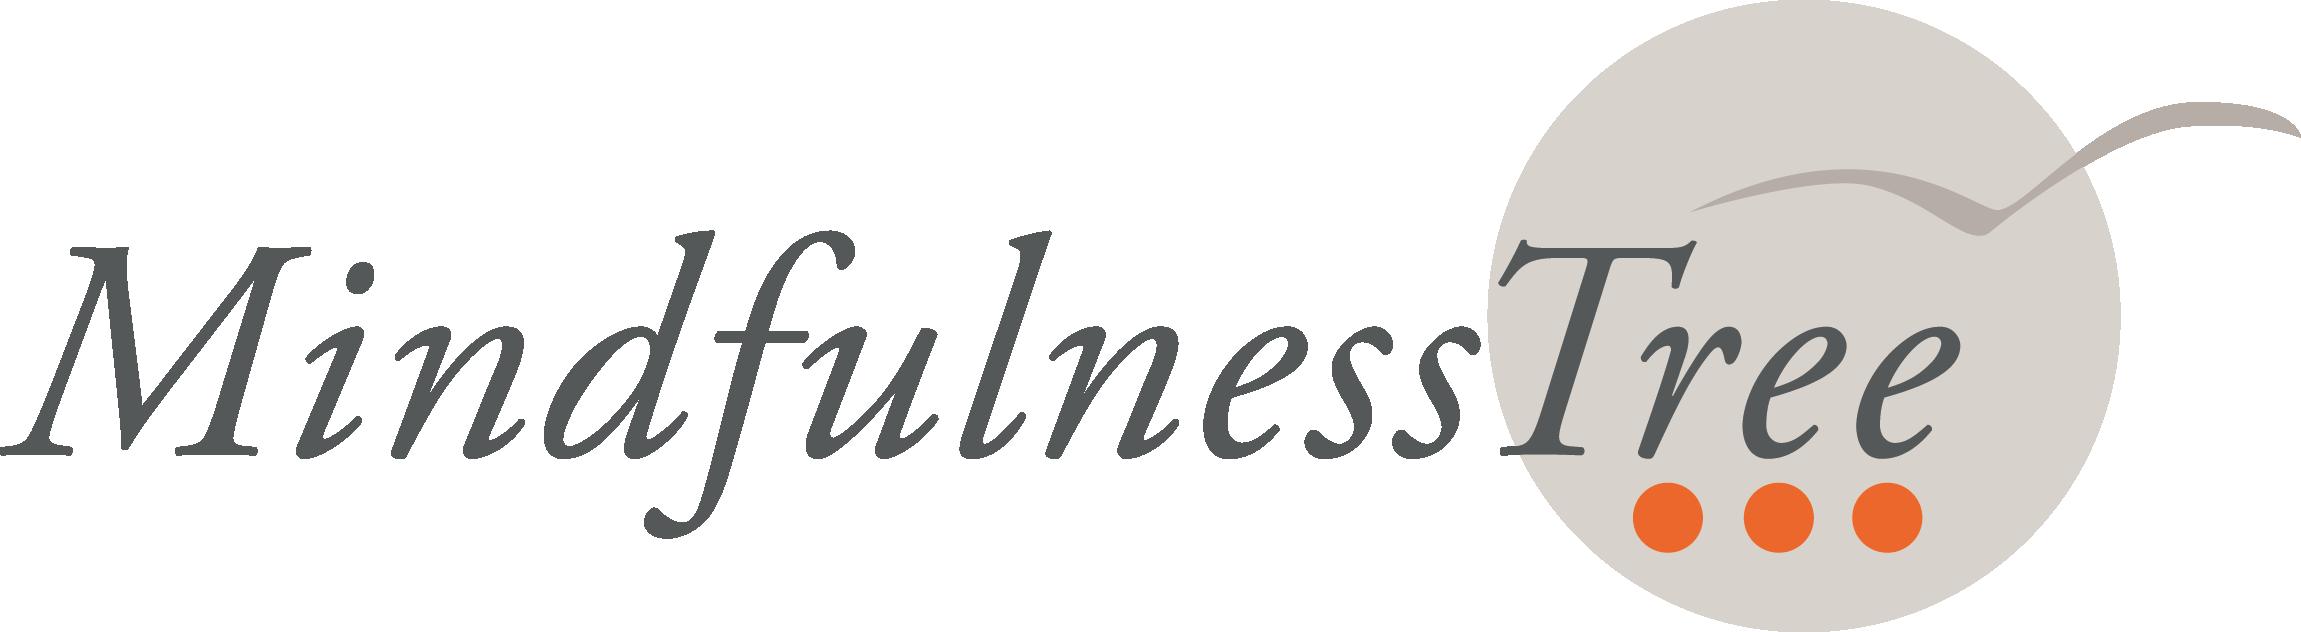 Mindfulnesstree